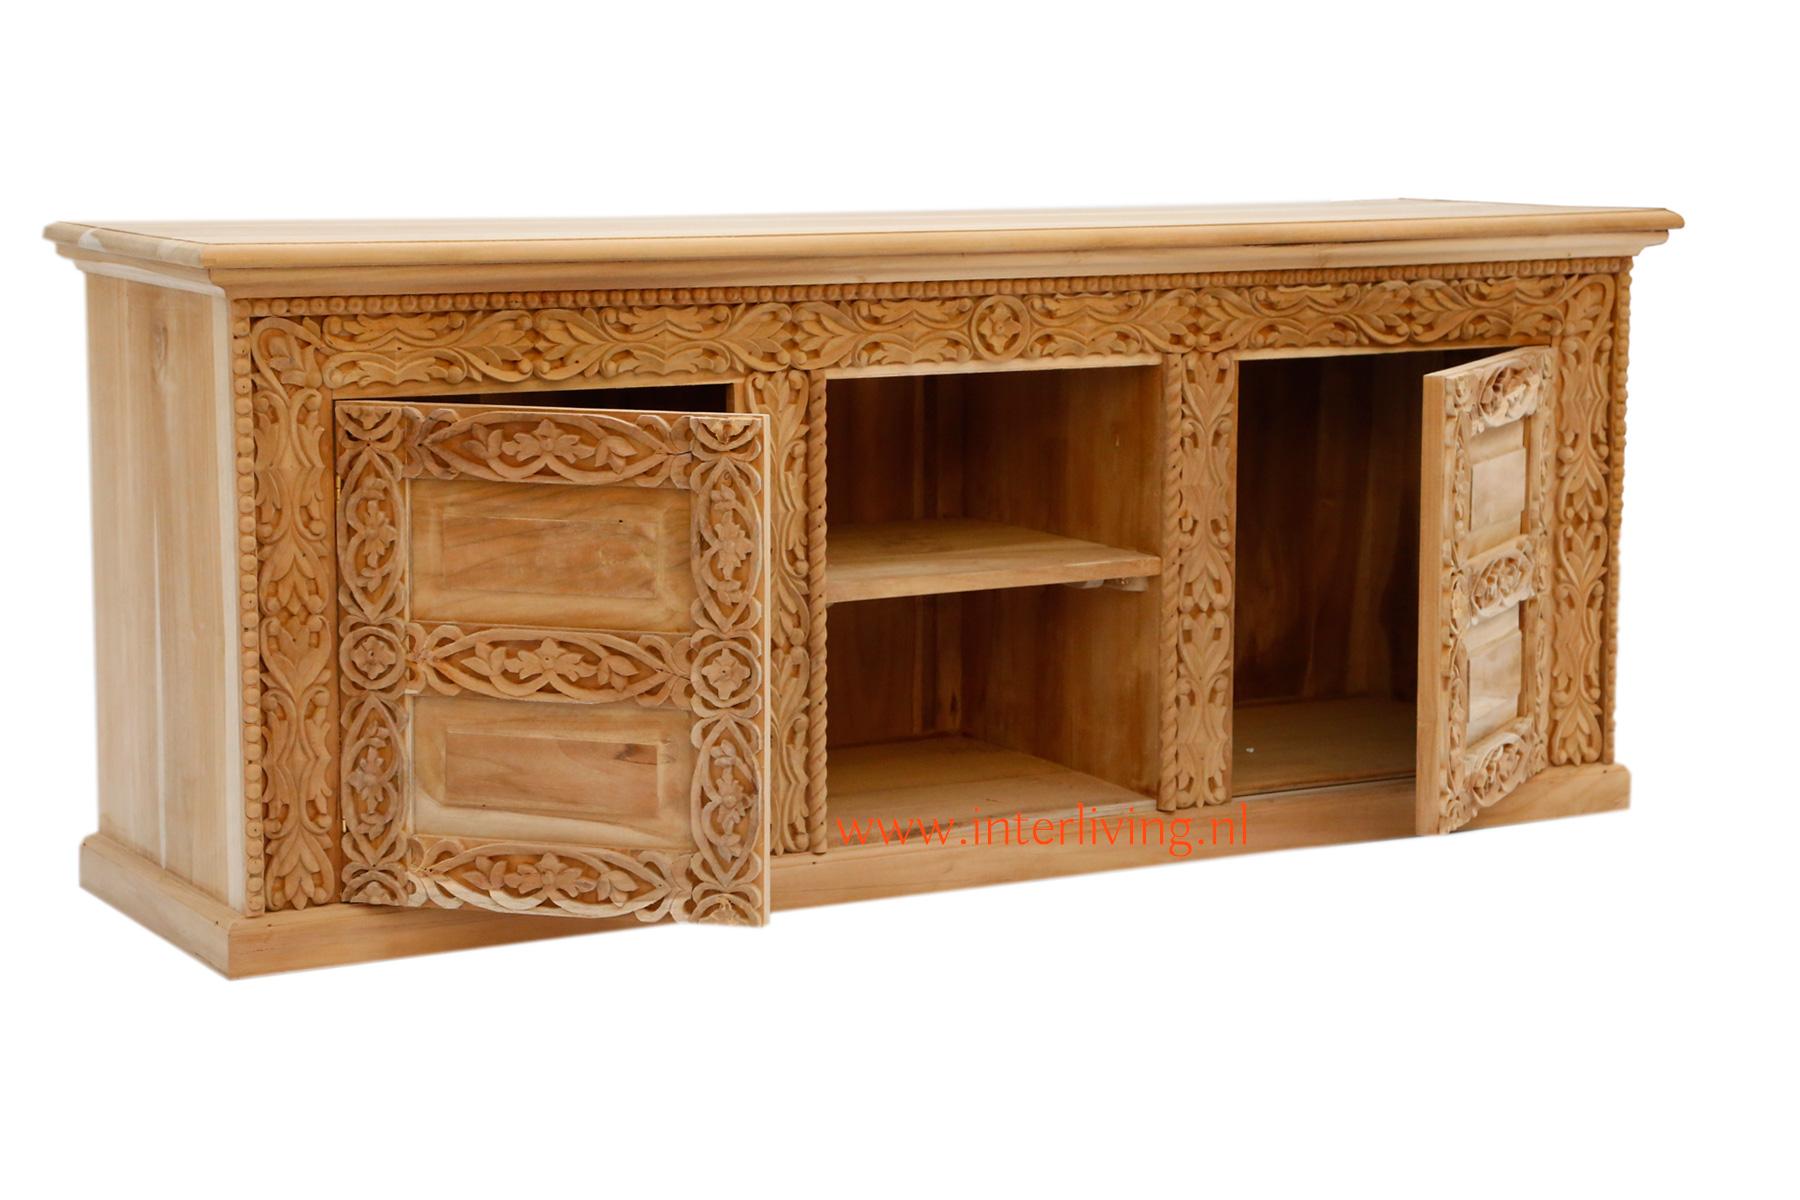 eclectische houten kast - oosterse tvdressior